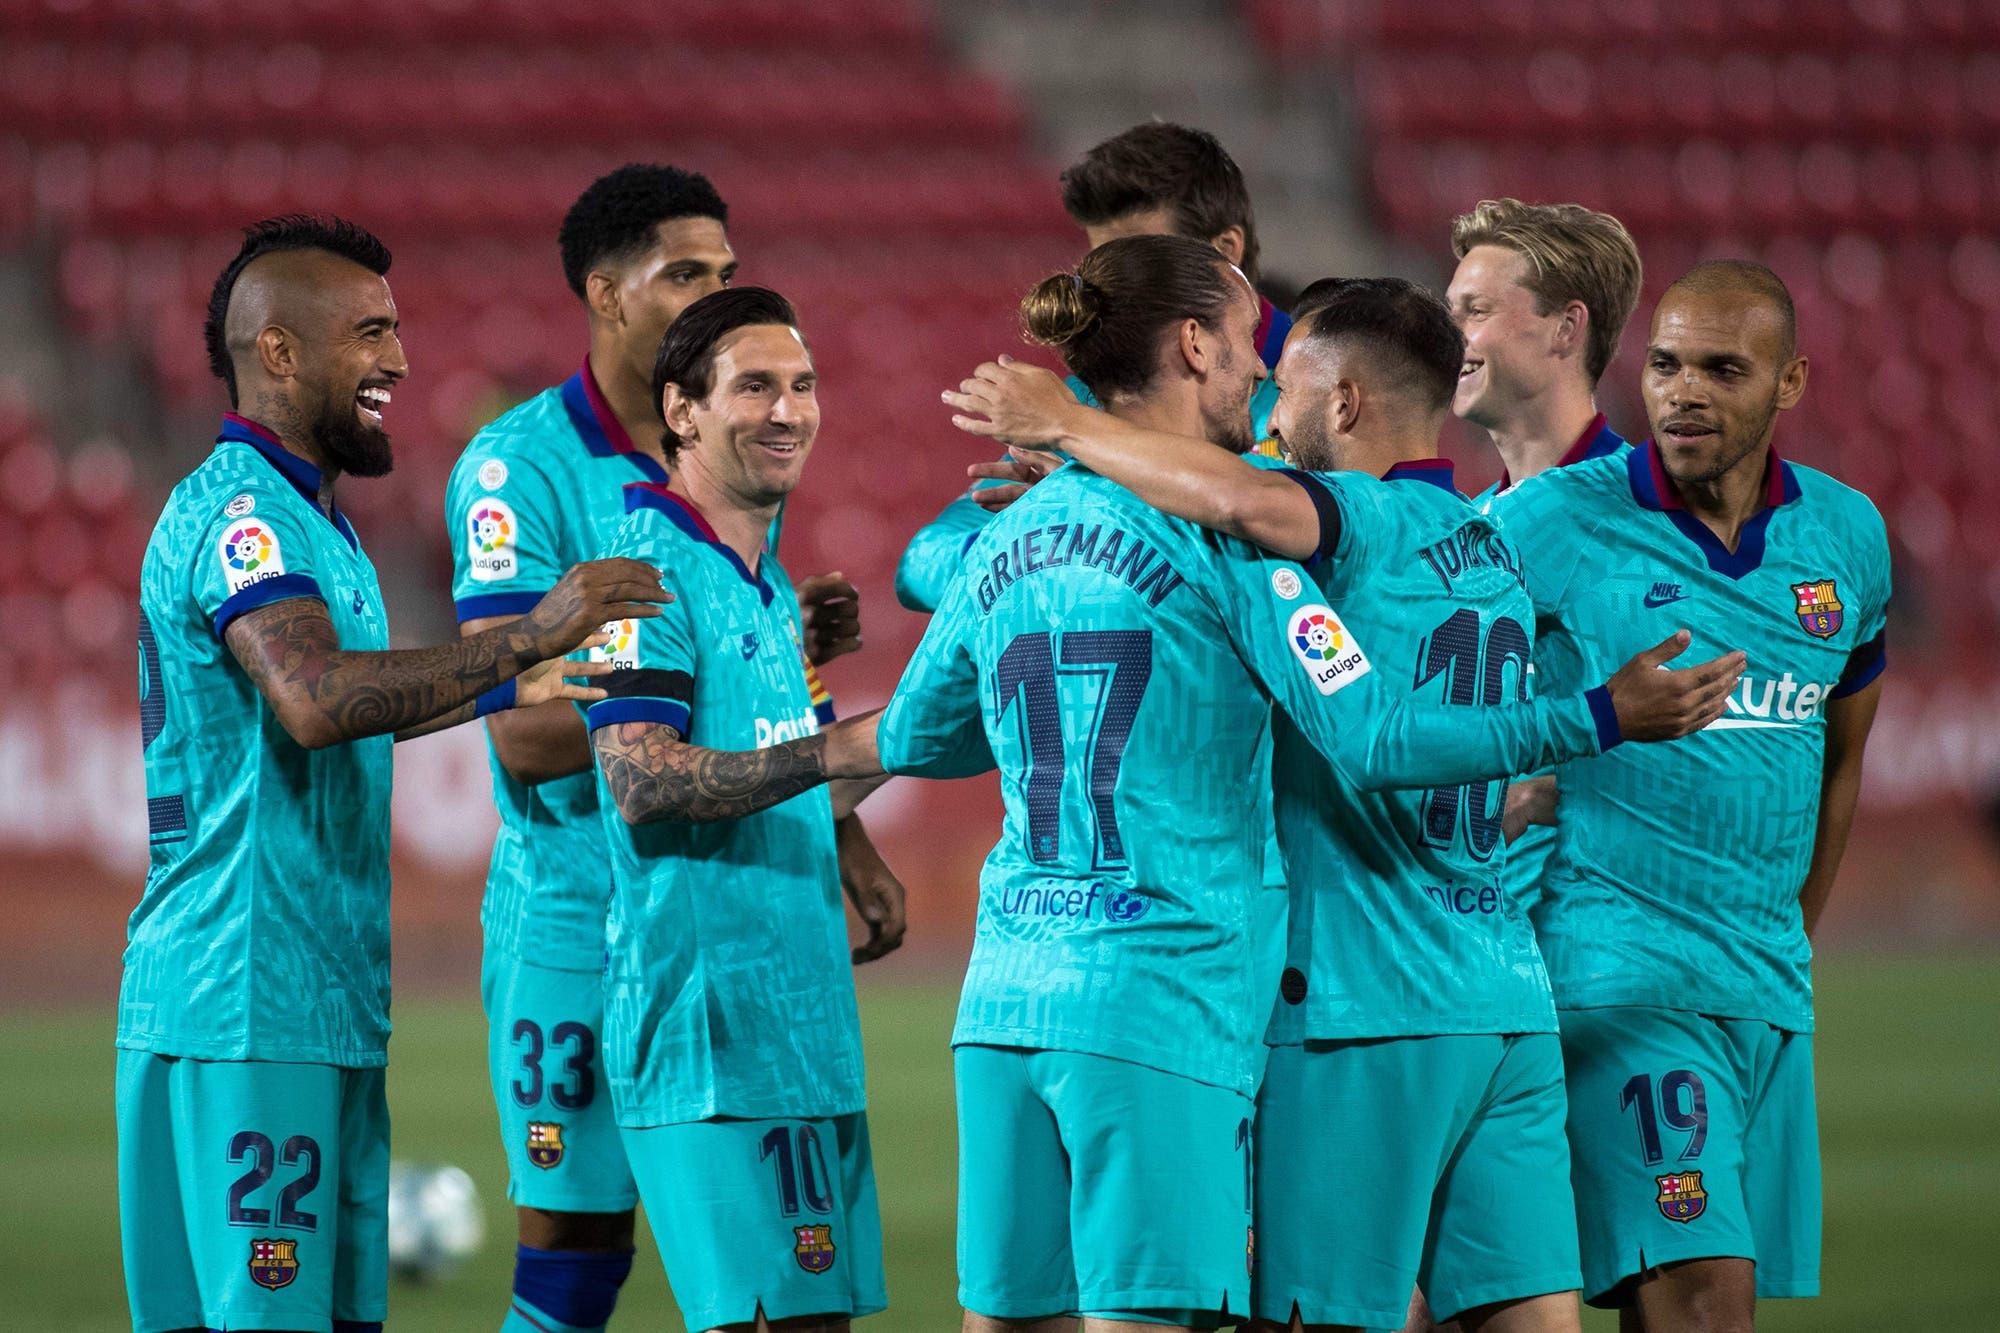 Volvió Messi: un gol, asistencias y lujos en el 4-0 de Barcelona a Mallorca por la Liga de España